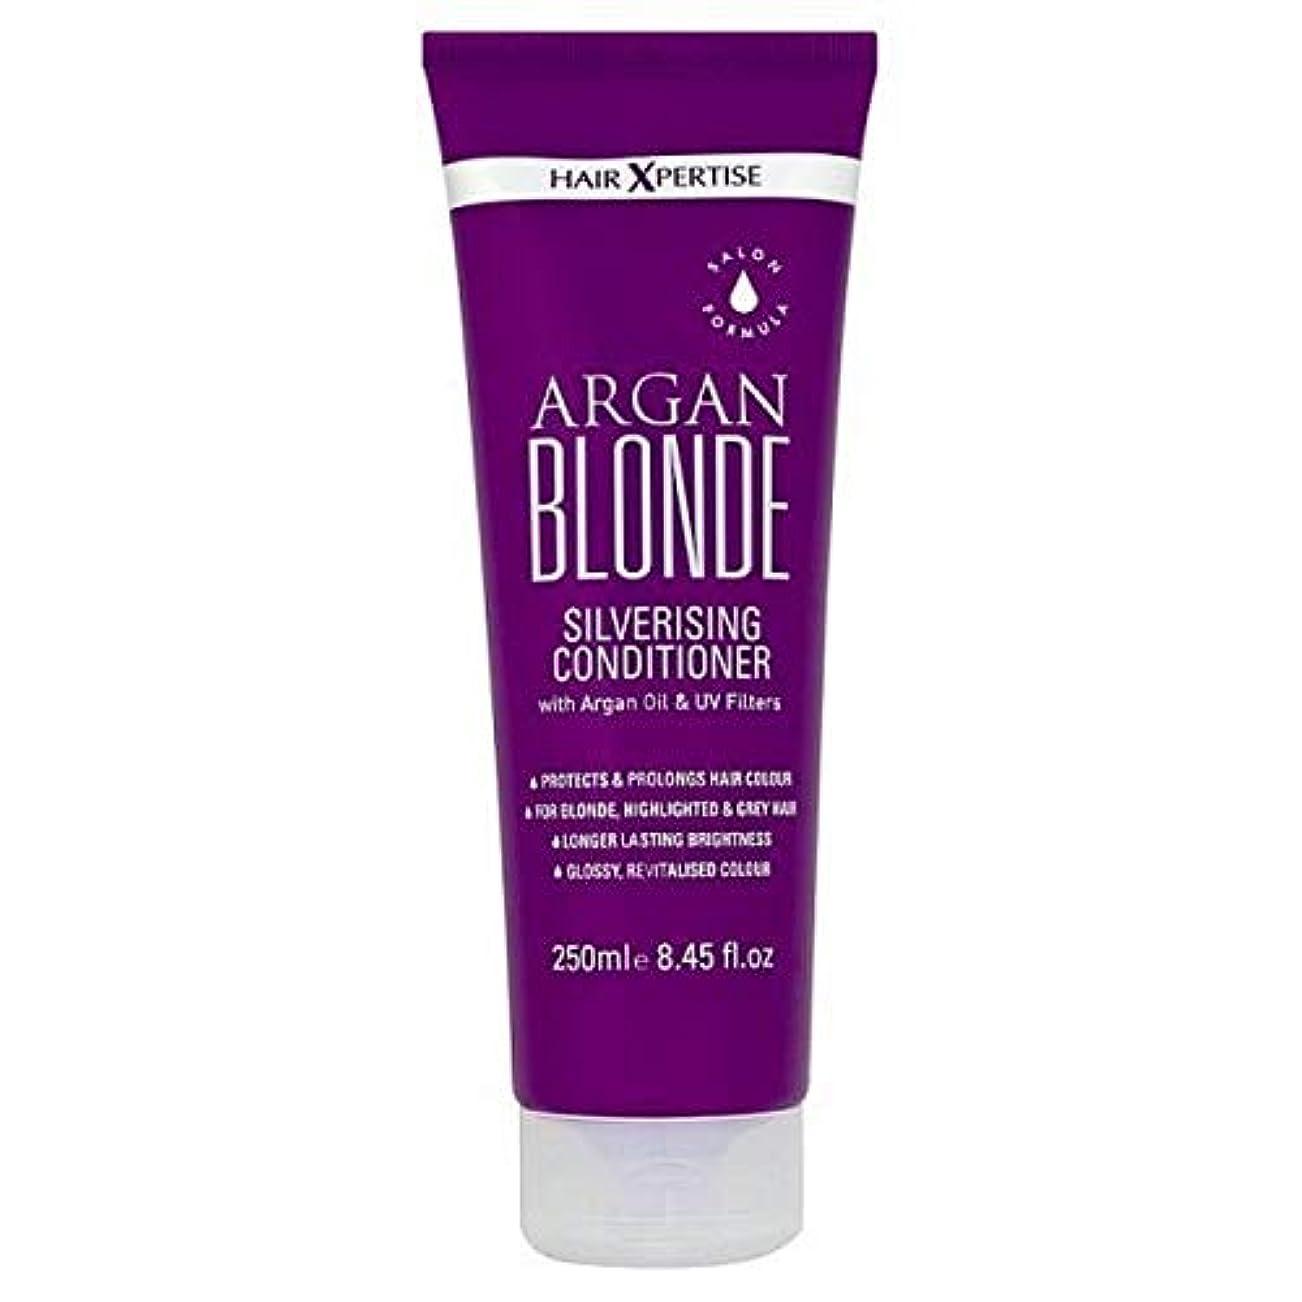 感性換気ドライブ[Hair Xpertise] ヘアXpertiseのアルガンブロンドSilverisingコンディショナー250ミリリットル - Hair Xpertise Argan Blonde Silverising Conditioner...